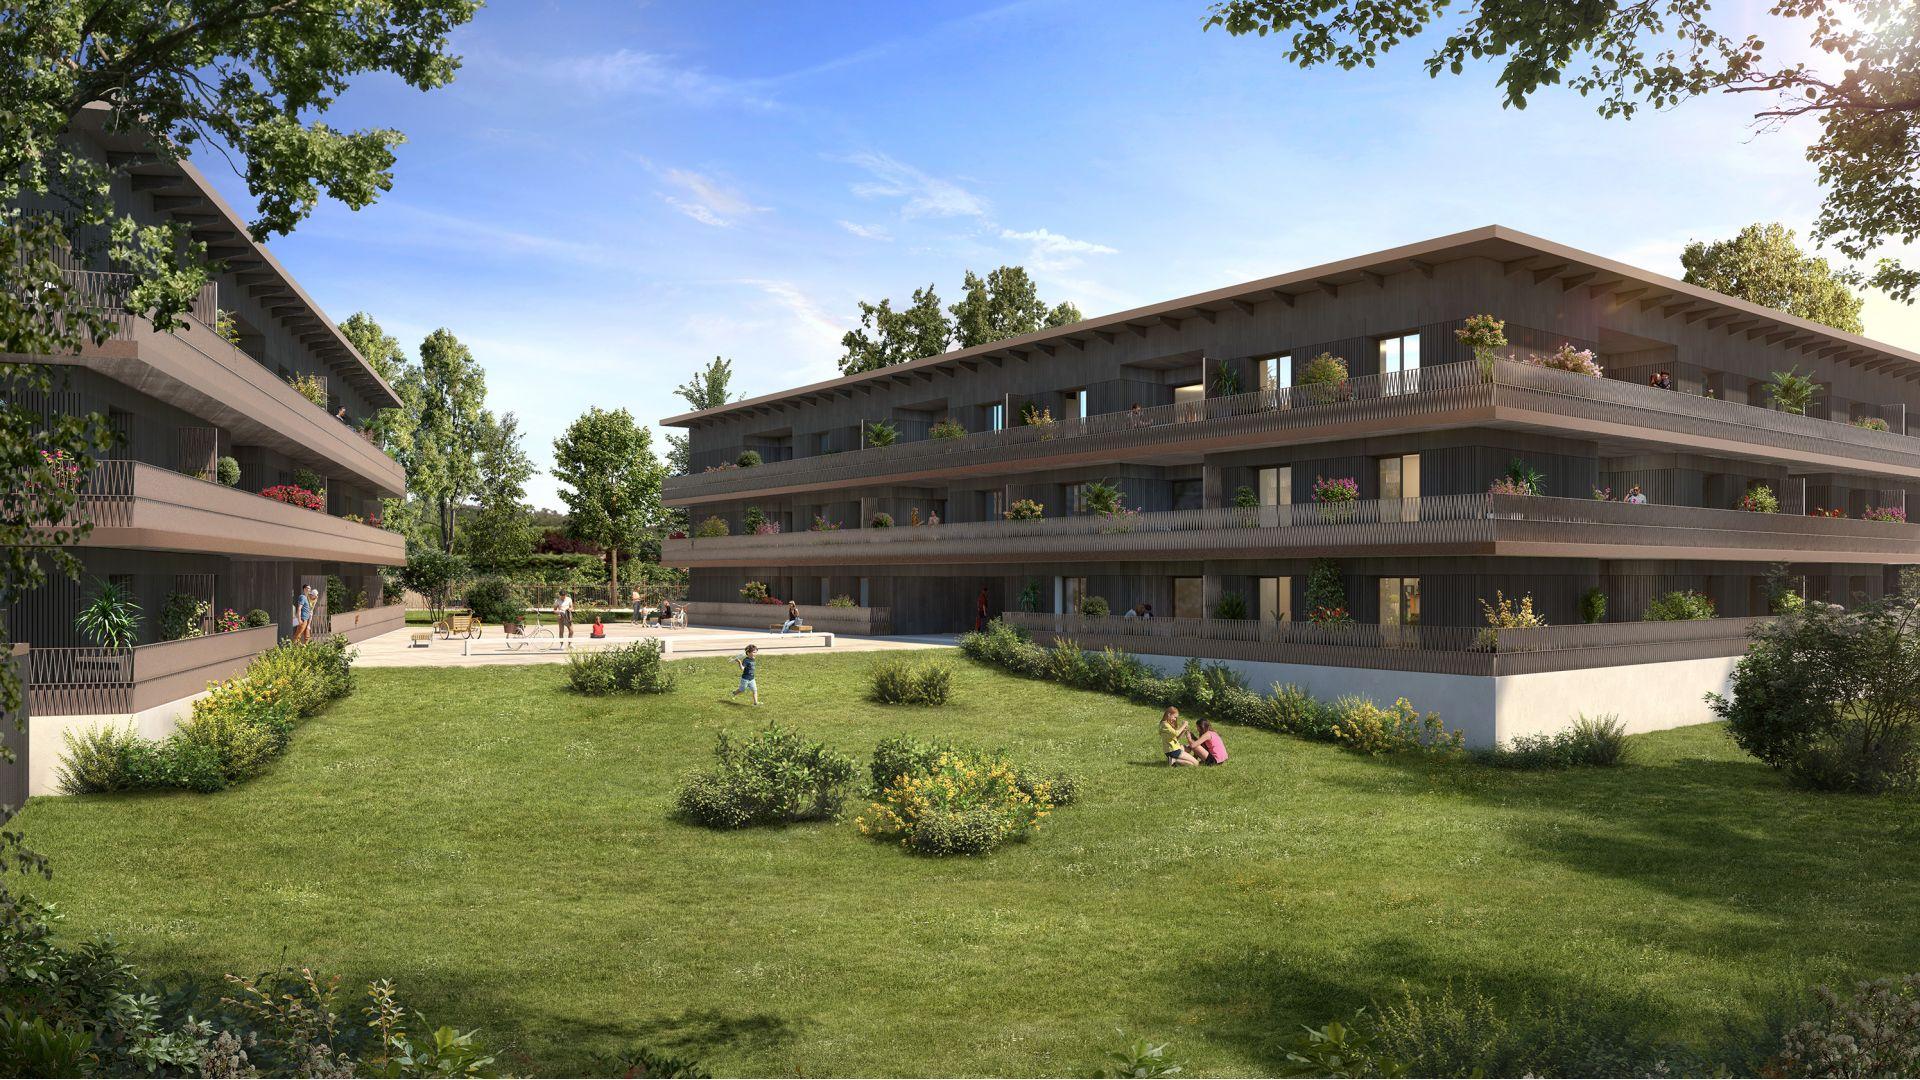 Greencity Immobilier - Résidence Carré Flore - 31700 Cornebarrieu - achat immobilier neuf - appartements et villas  du T2 au T5 - côté parc